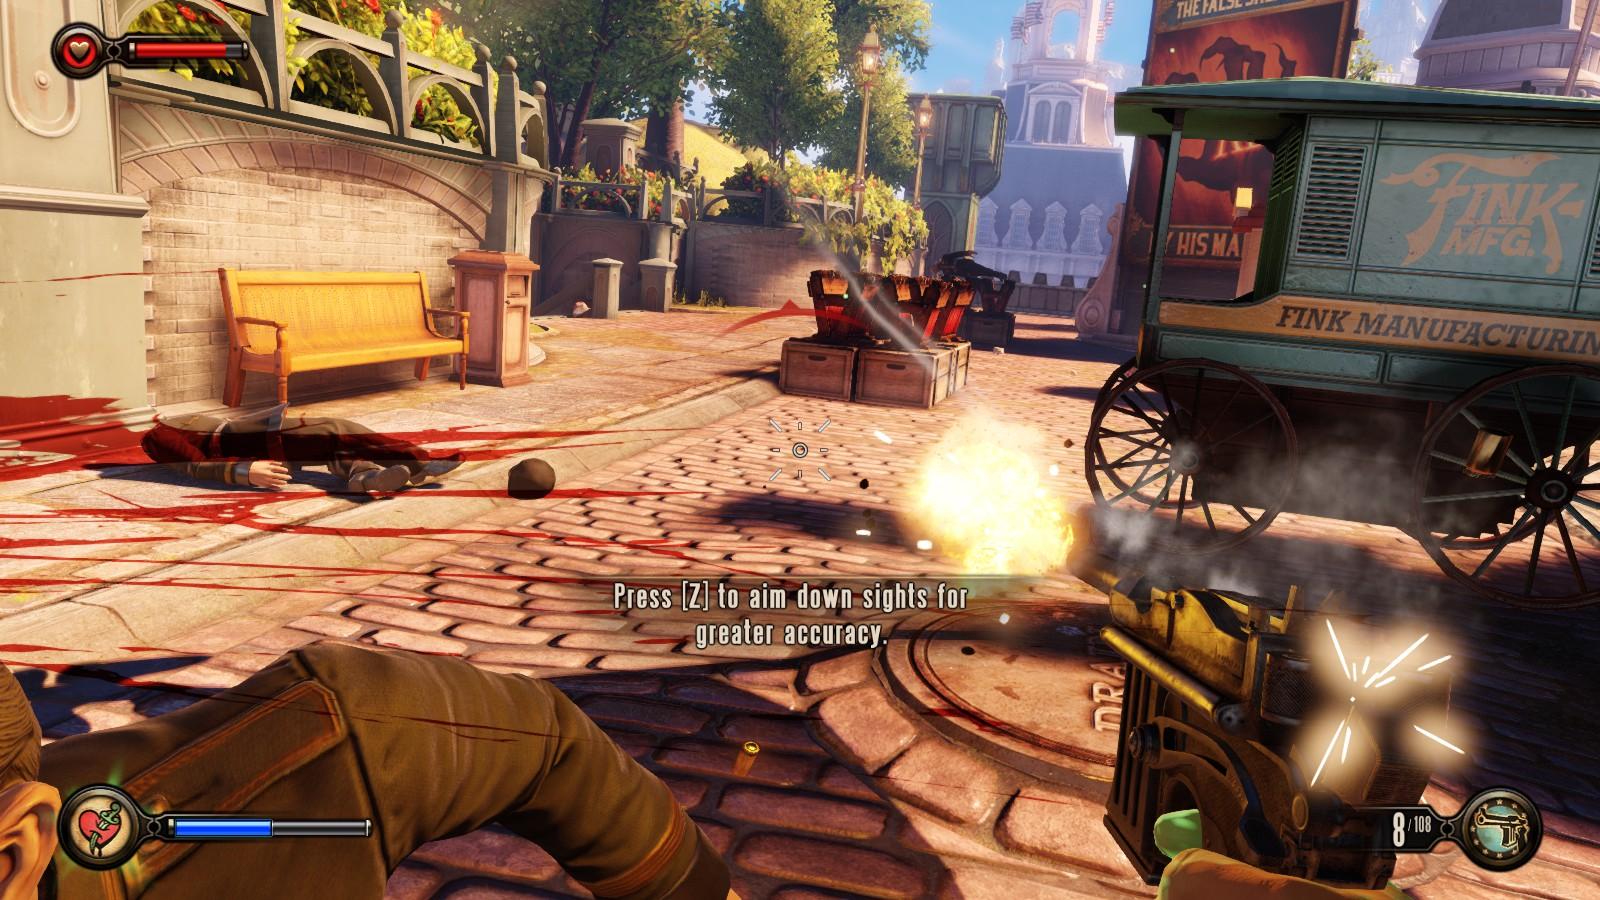 BioShock Infinite - okřídlené dobrodružství 78204